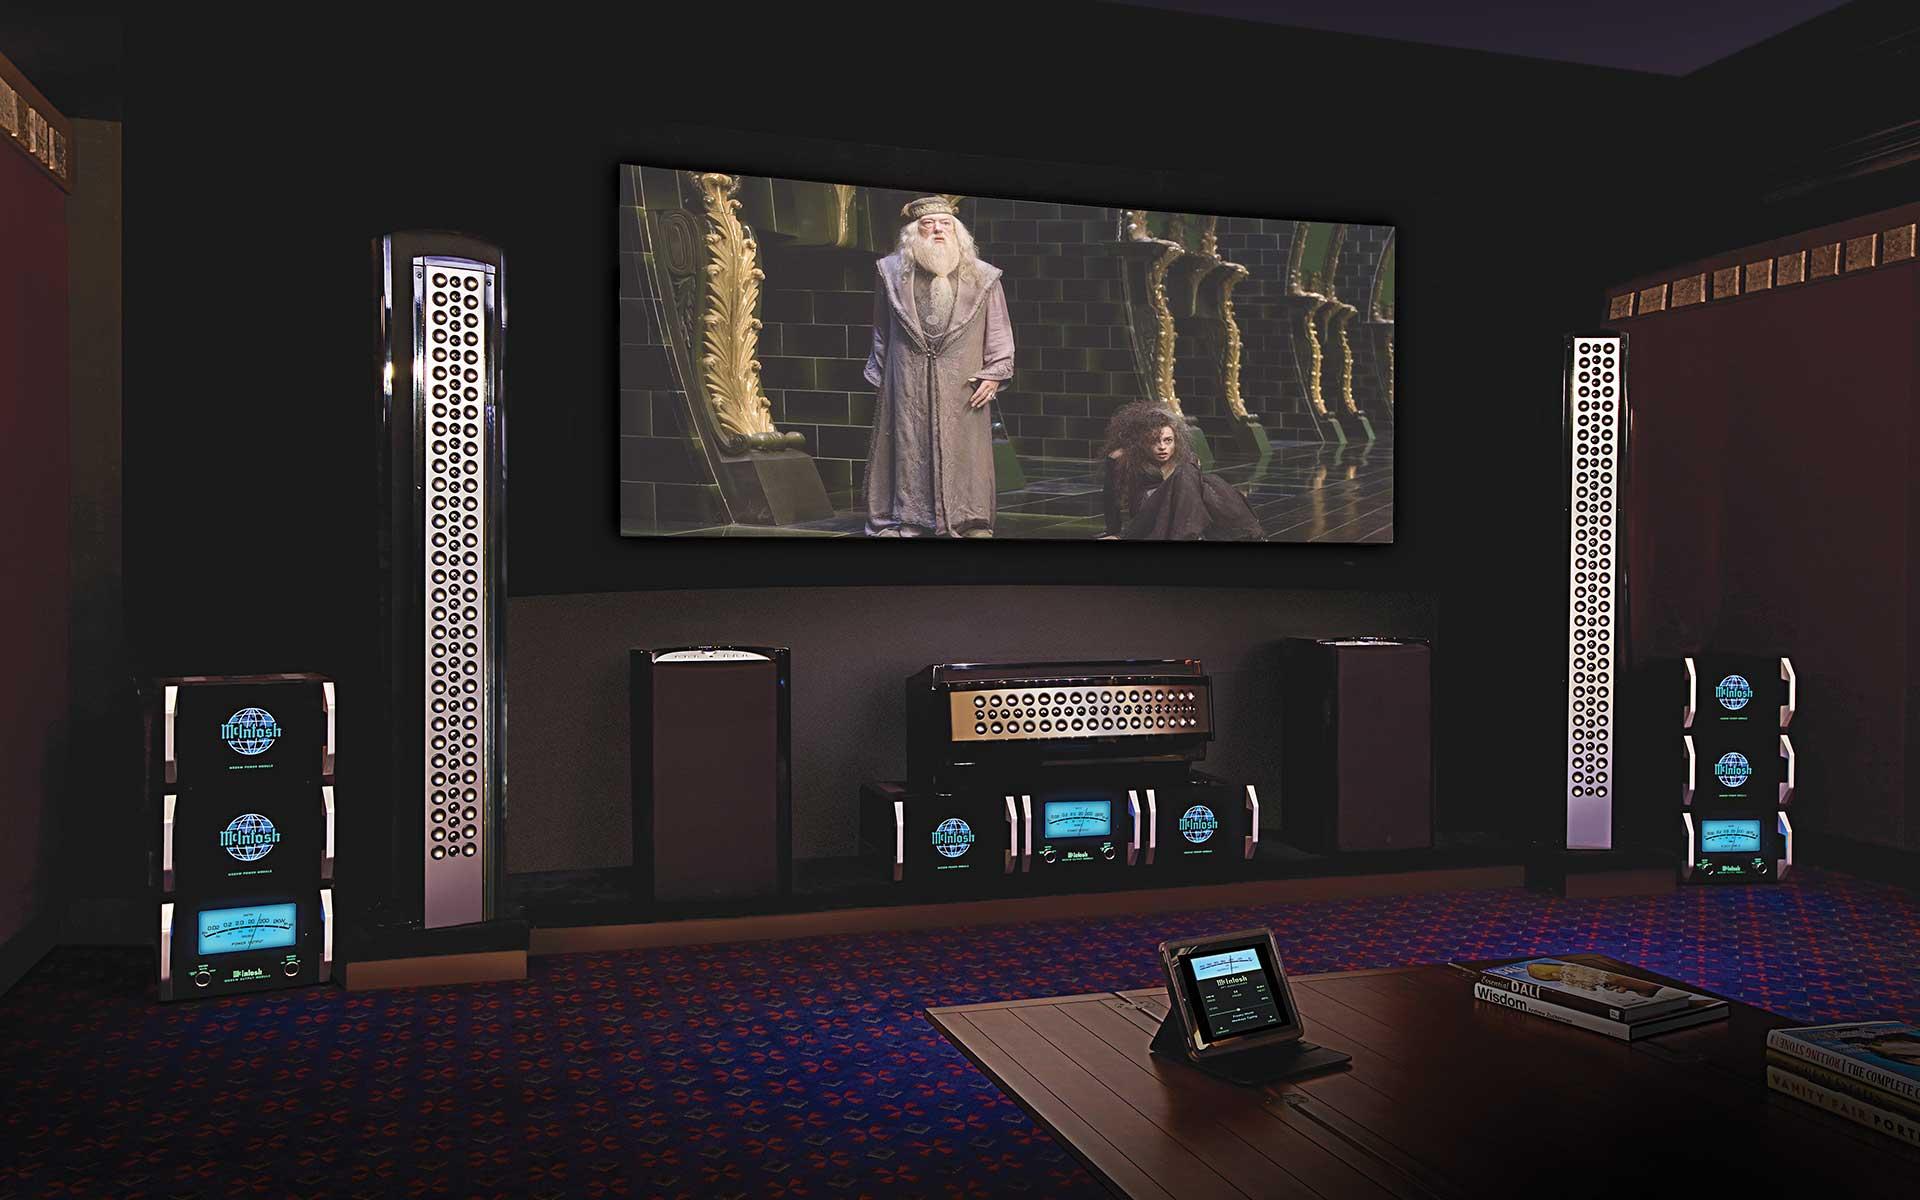 Домашний кинотеатр с сабвуфером для объёмного звучания.